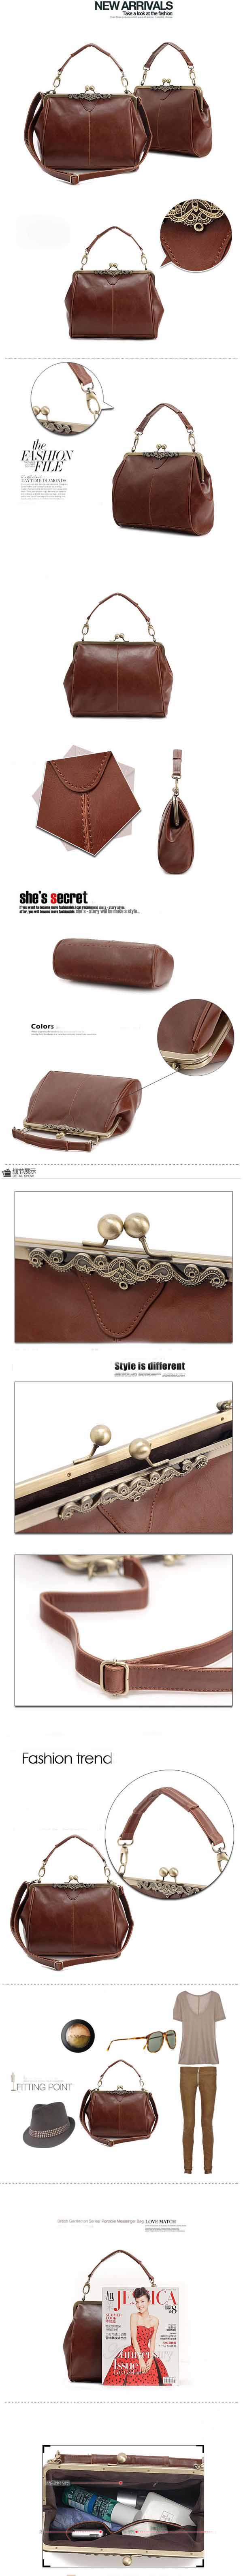 กระเป๋าสะพาย แฟชั่นเกาหลีแนววินเทจRetroถือสายสั้นหรูแบบใหม่น่ารัก นำเข้า สีกาแฟ - พร้อมส่งIS505 ราคา850บาท